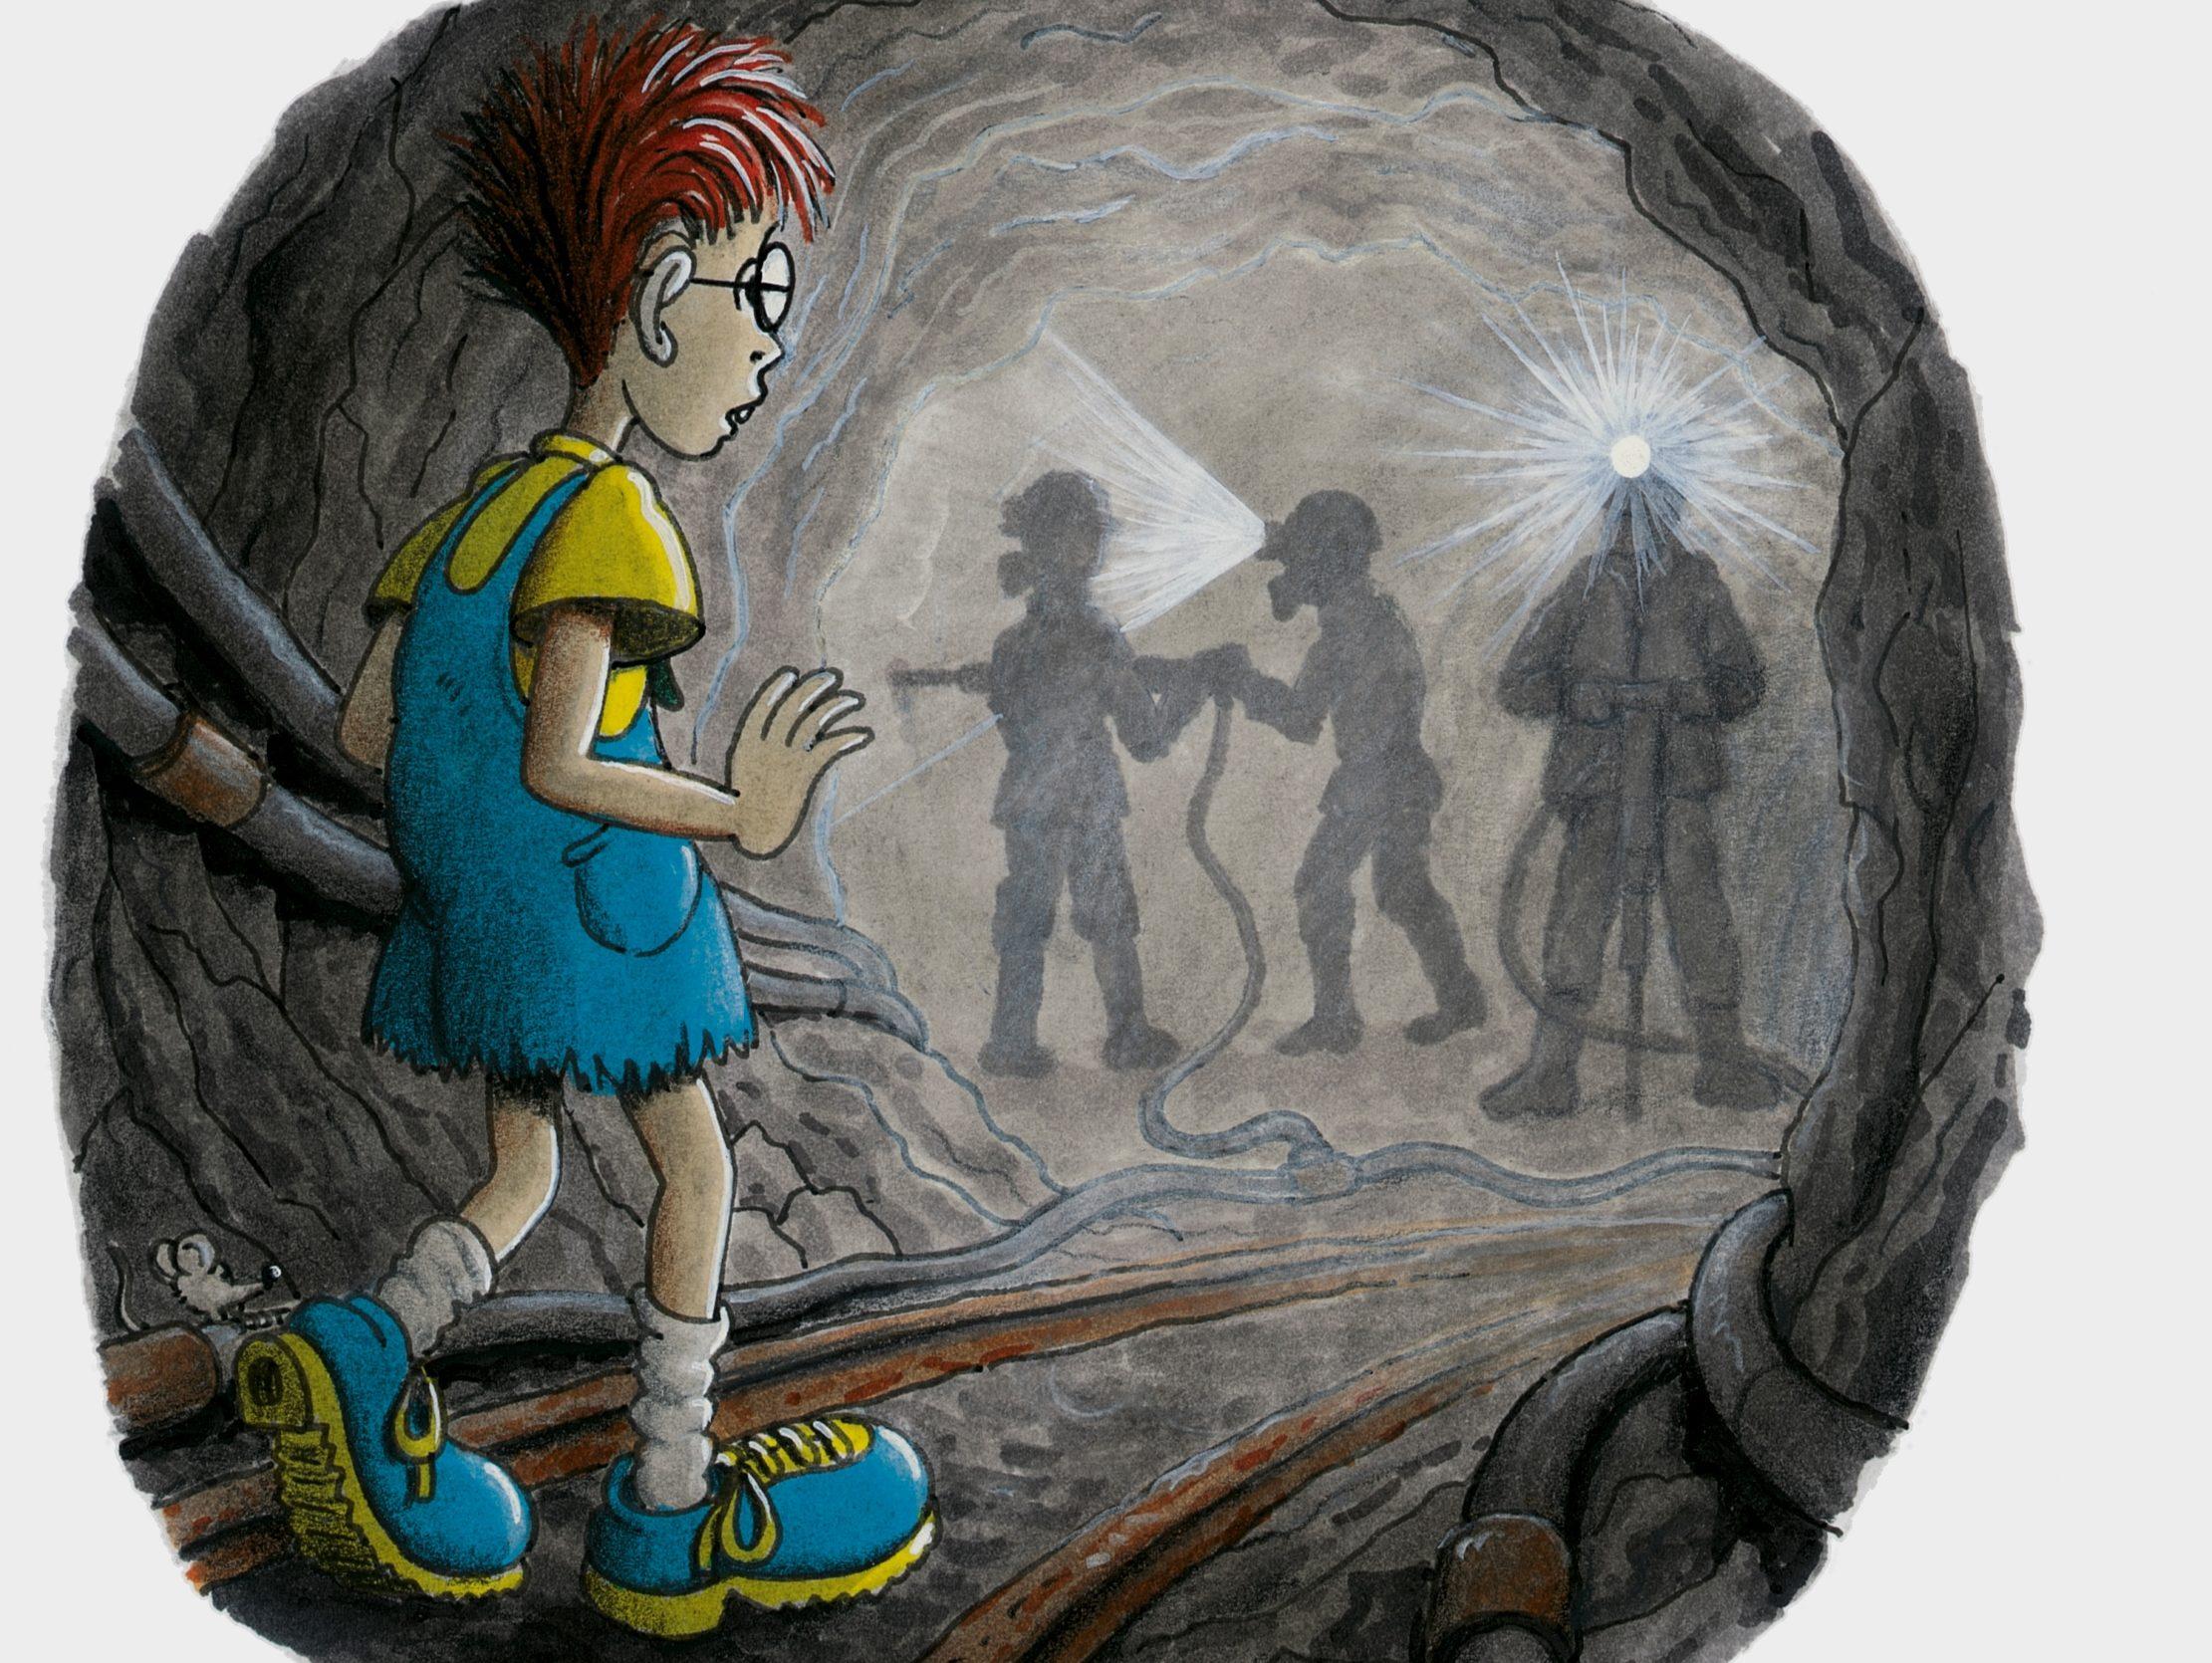 Robinson beobachtet in einem Bergwerksstollen Männer mit Atemschutzmasken und Bohrern. (Quelle: Peter Laux)